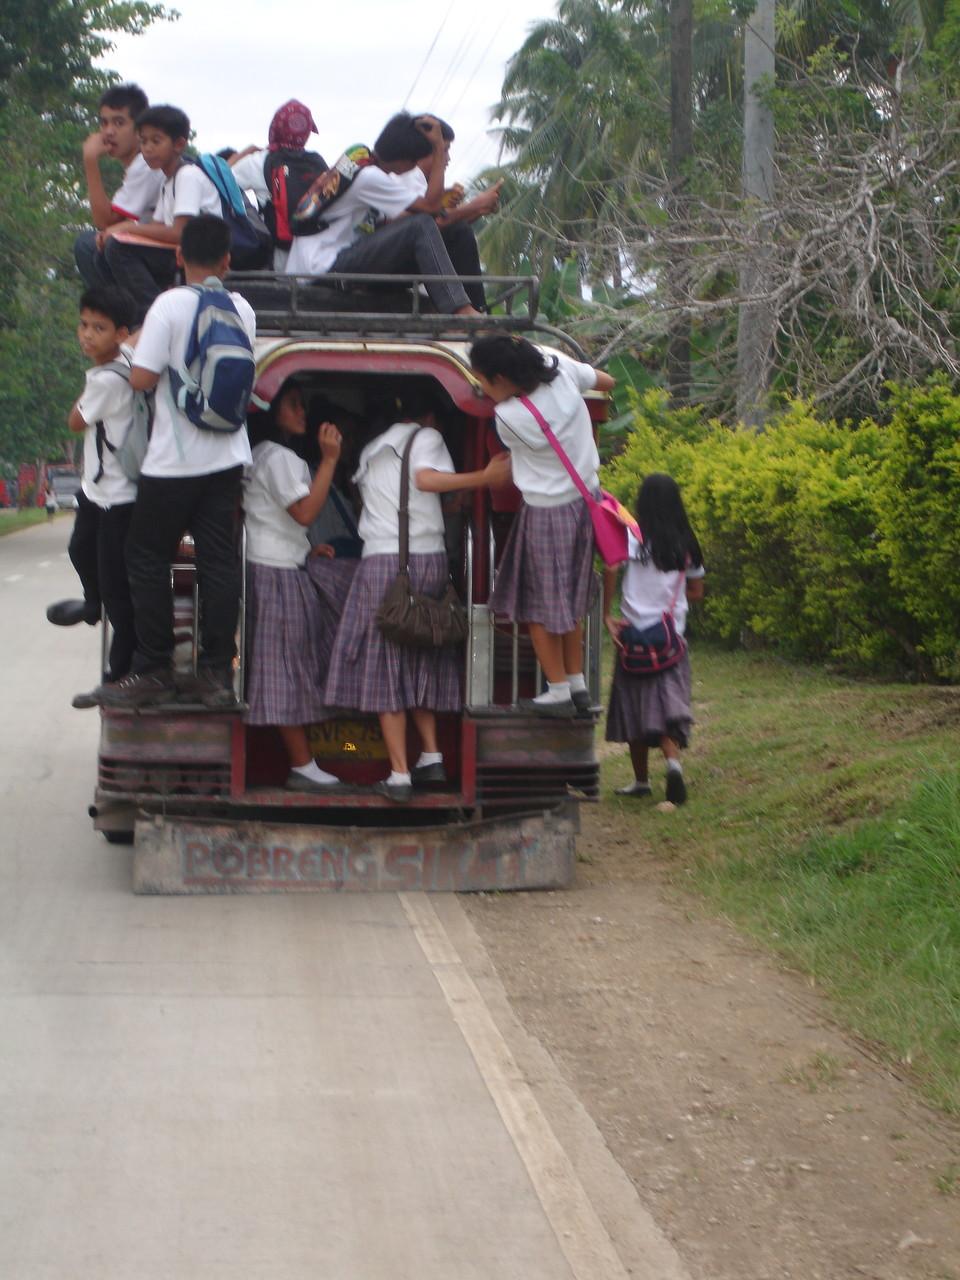 Schulbus auf den Philippinen